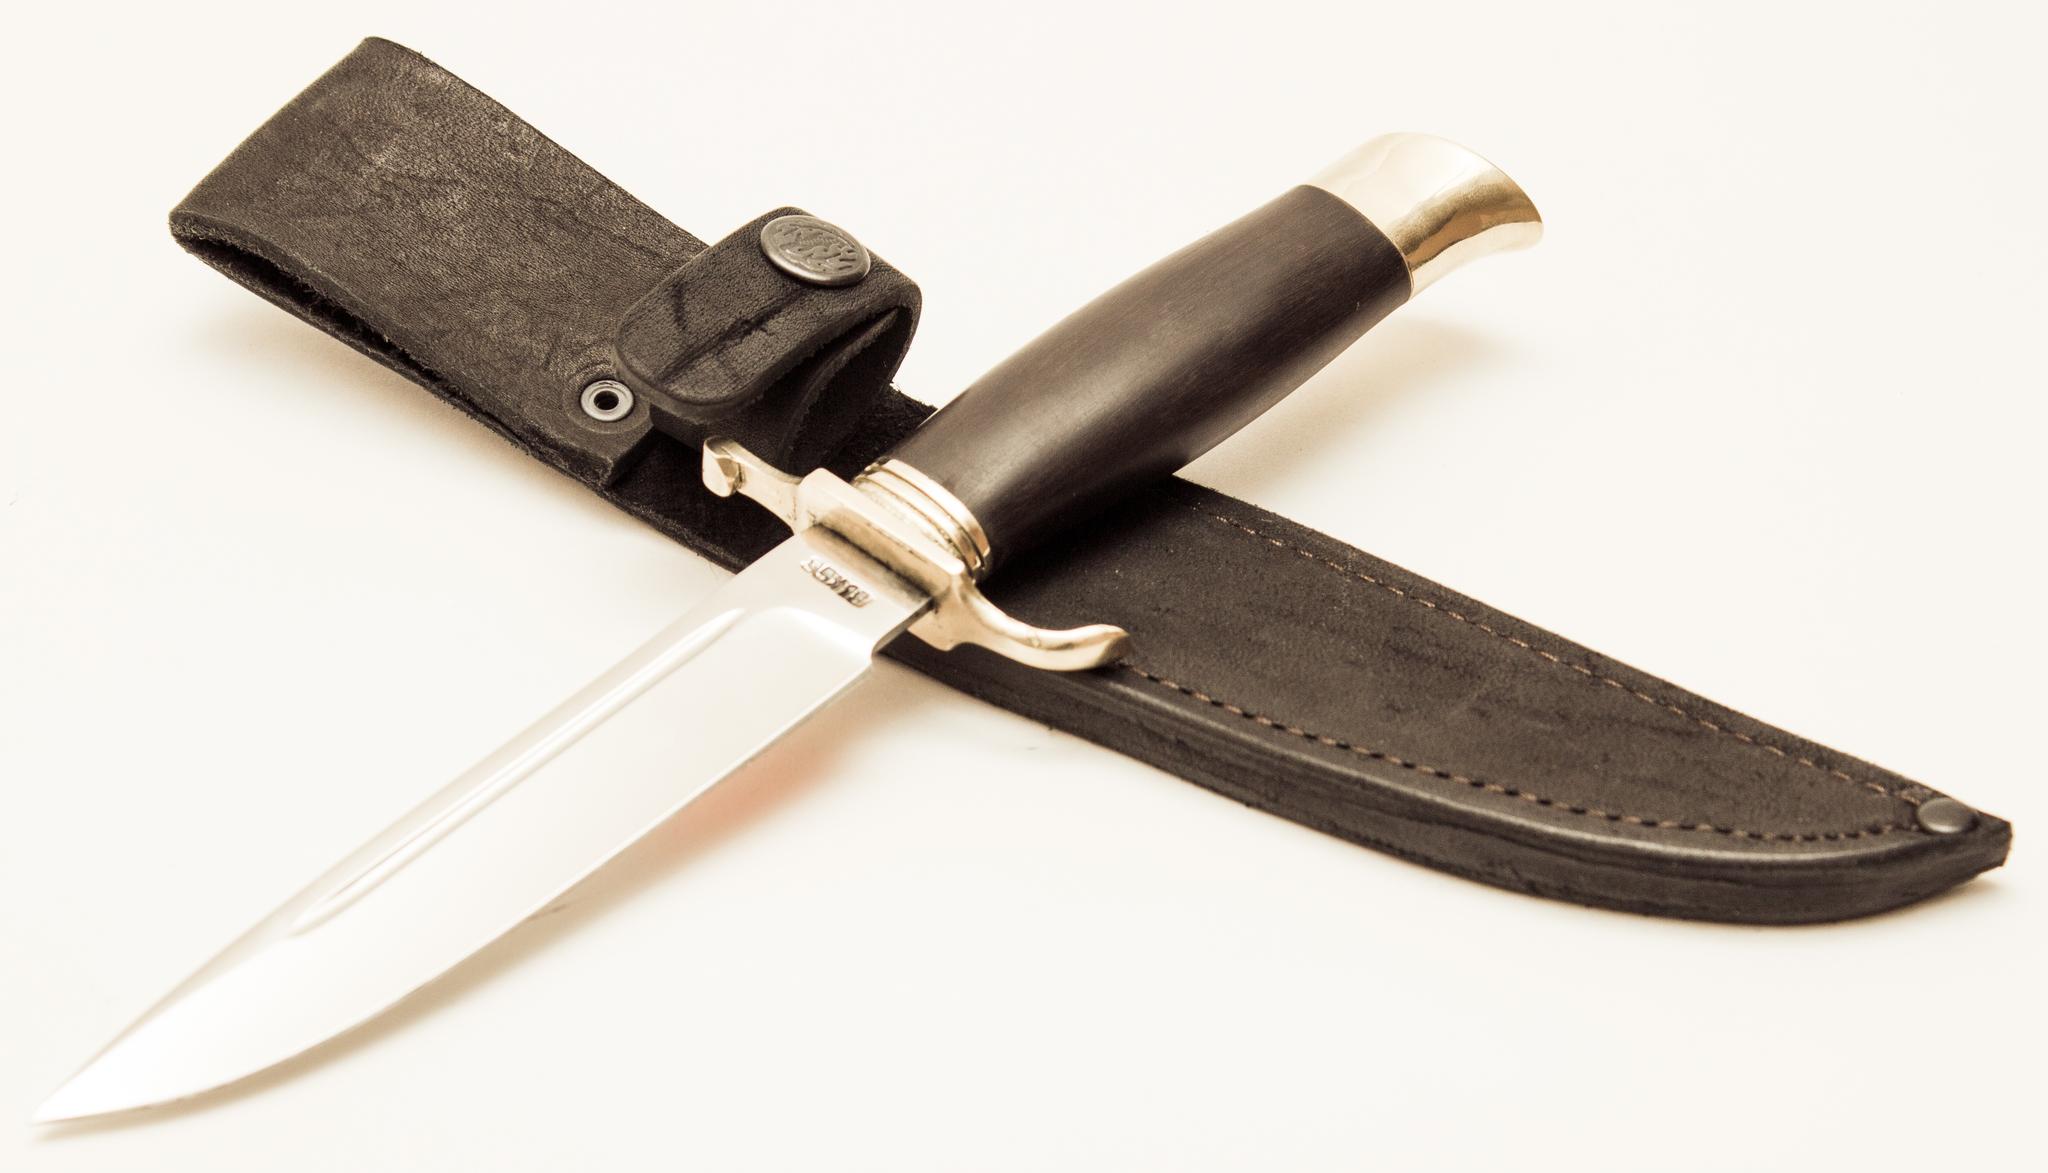 Фото 2 - Нож Финка НКВД, сталь 95х18, с литьем из латуни от АТАКА